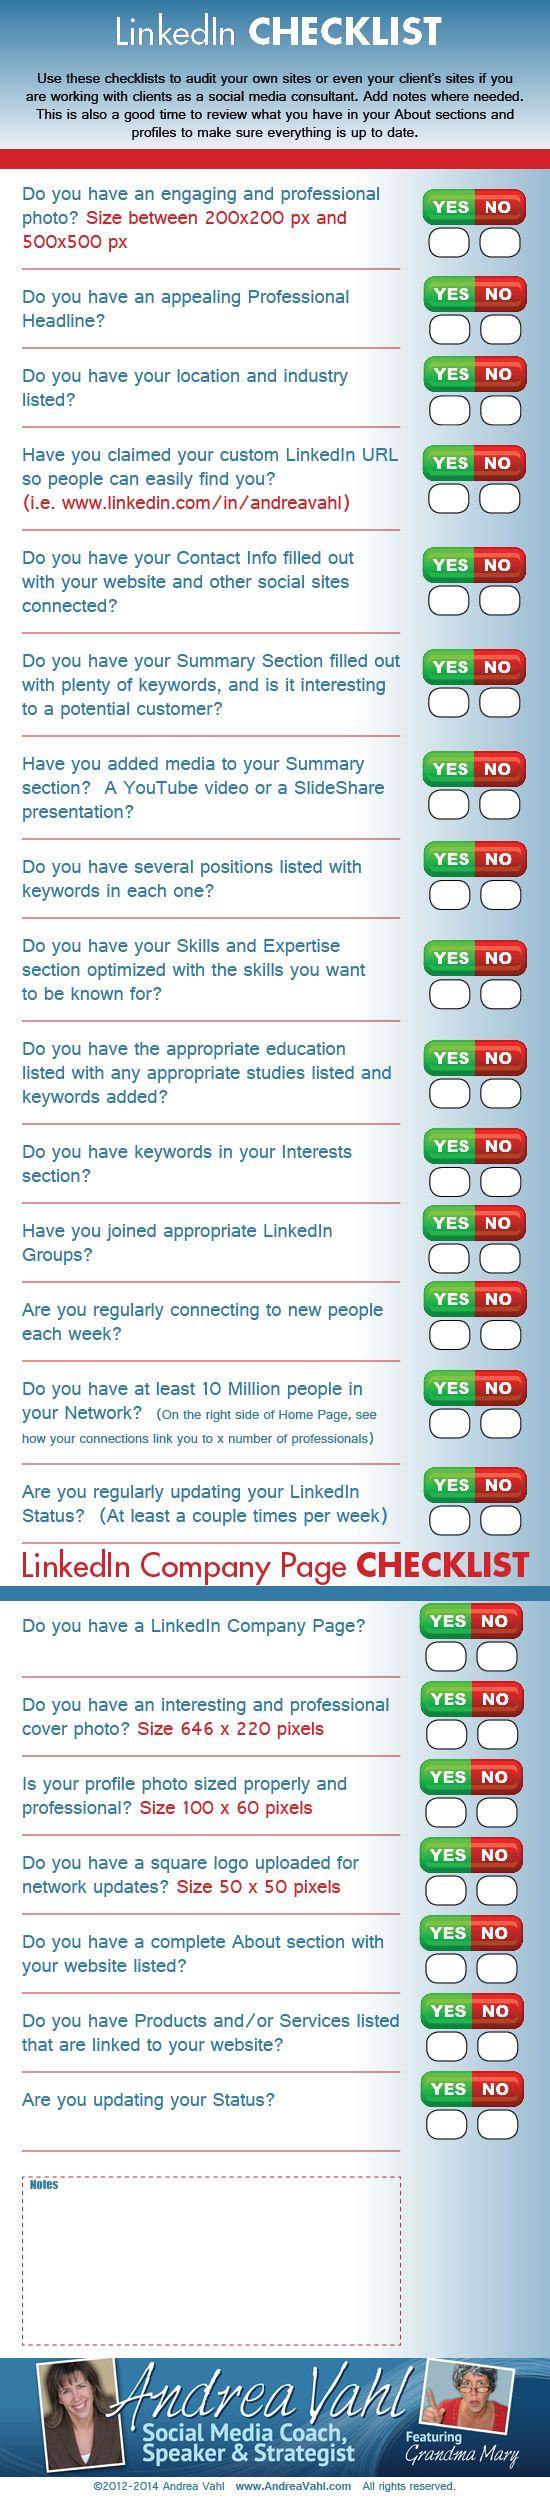 Tareas a realizar diariamente en Linkedin.